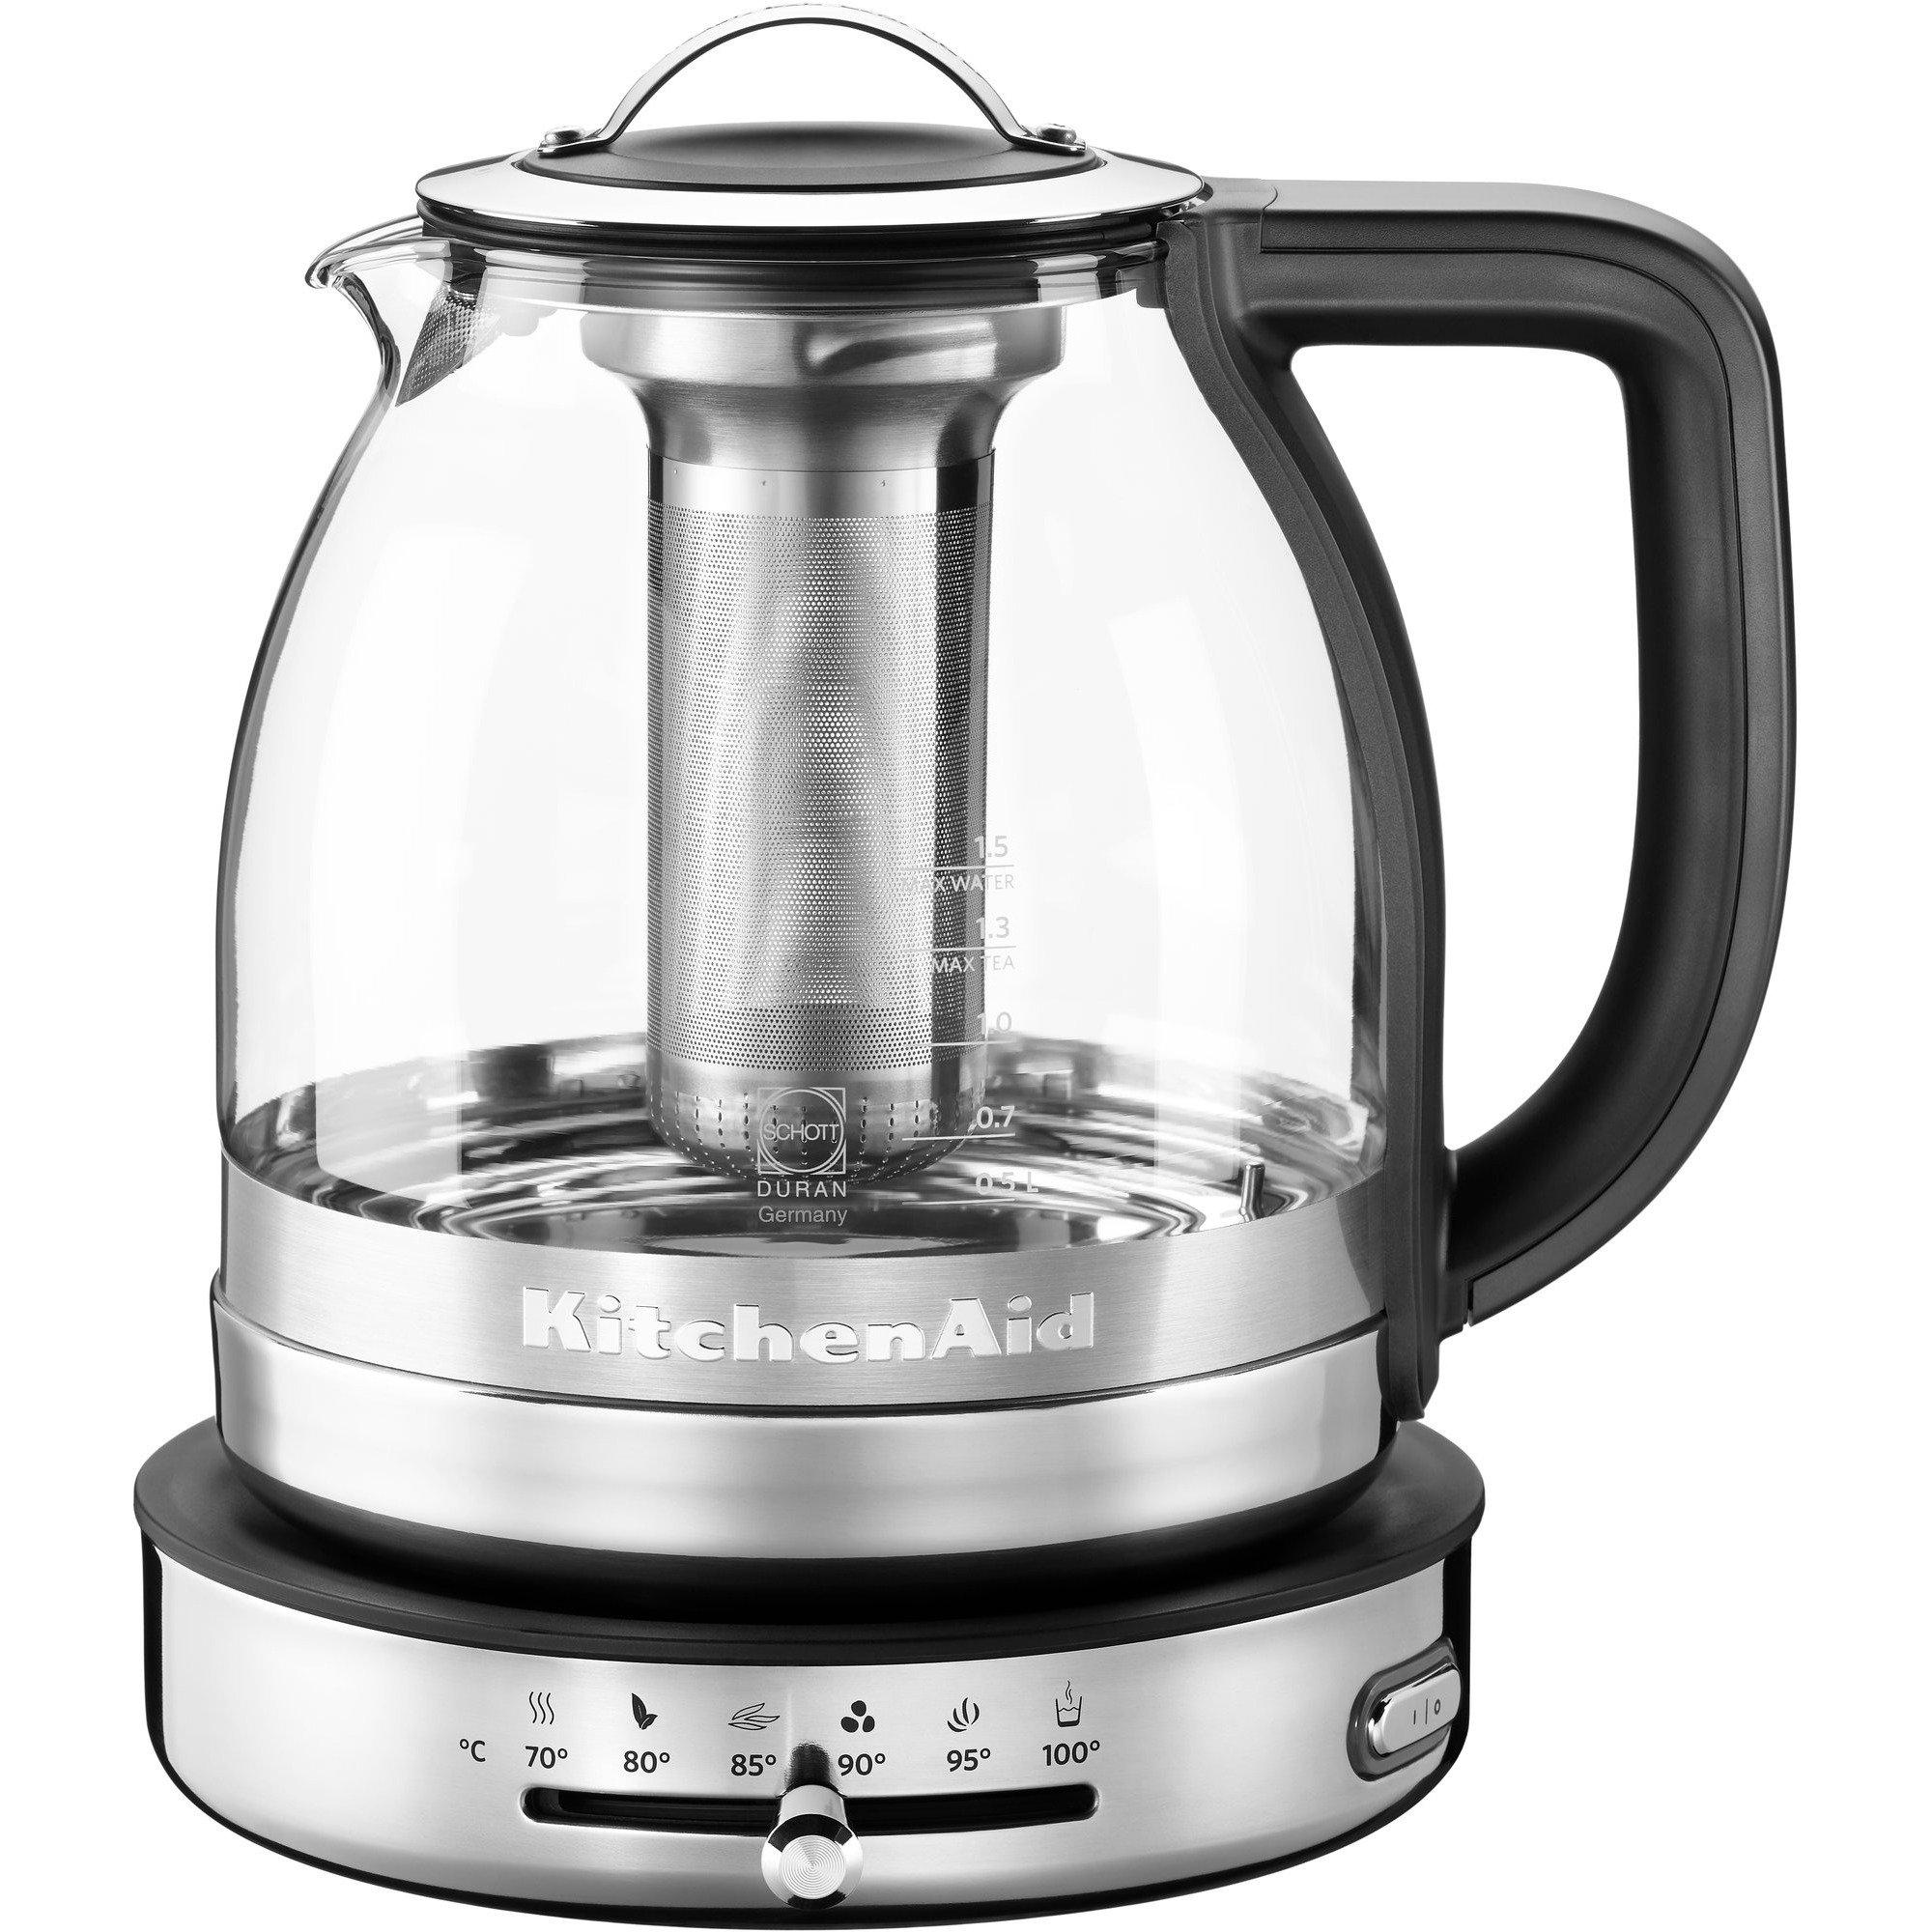 KitchenAid Artisan Tebryggare/Vattenkokare 1,5 liter Klar